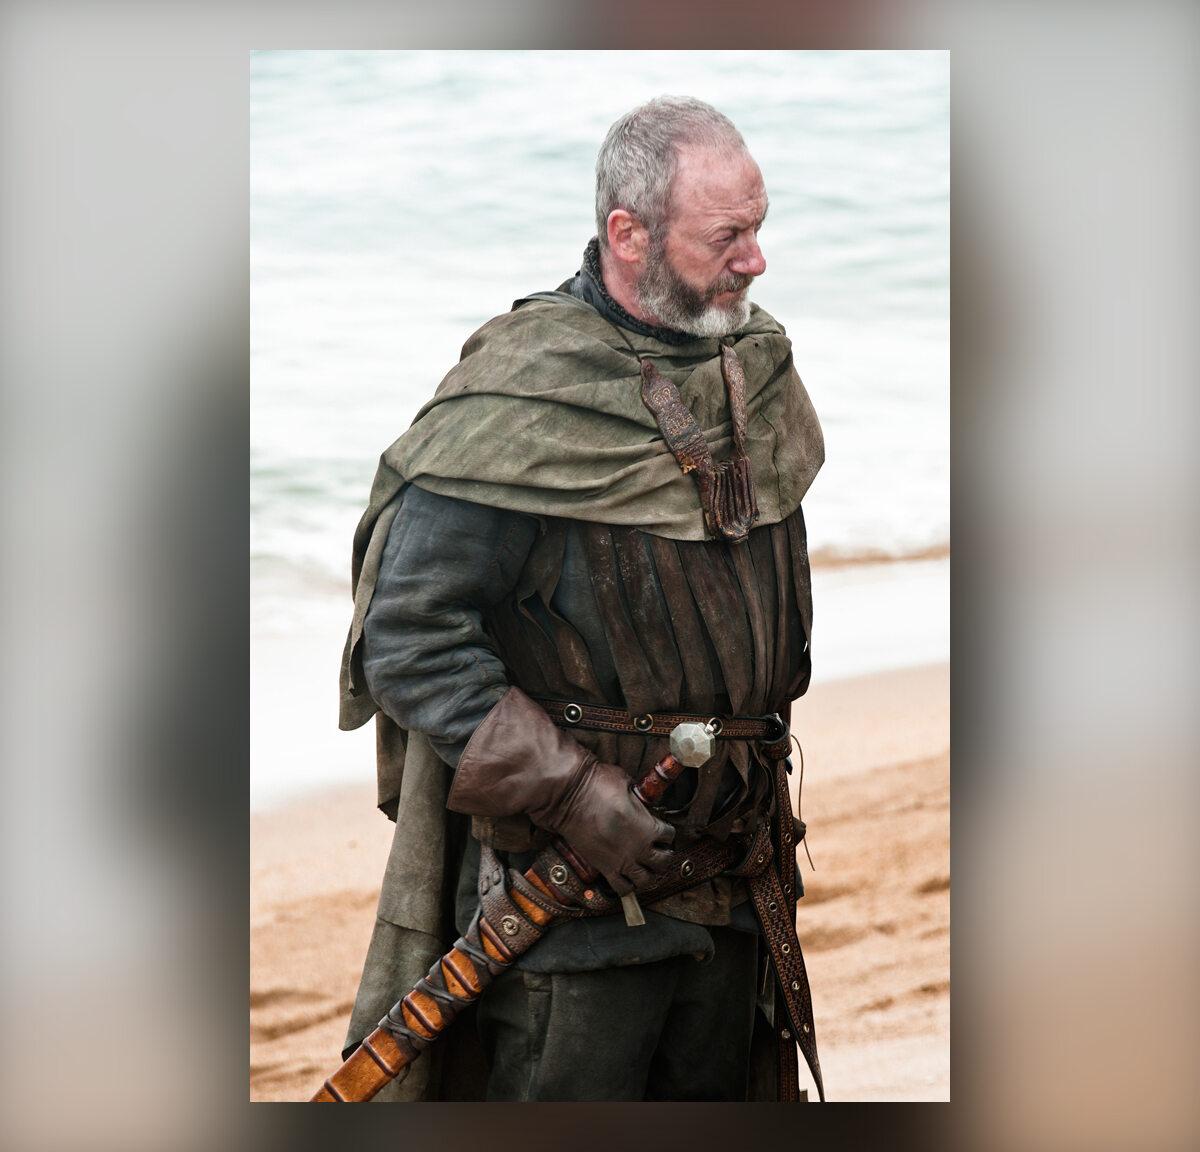 """Davos Seaworth po raz pierwszy w """"Grze o tron"""" W Davosa wciela się aktor Liam Cunningham."""